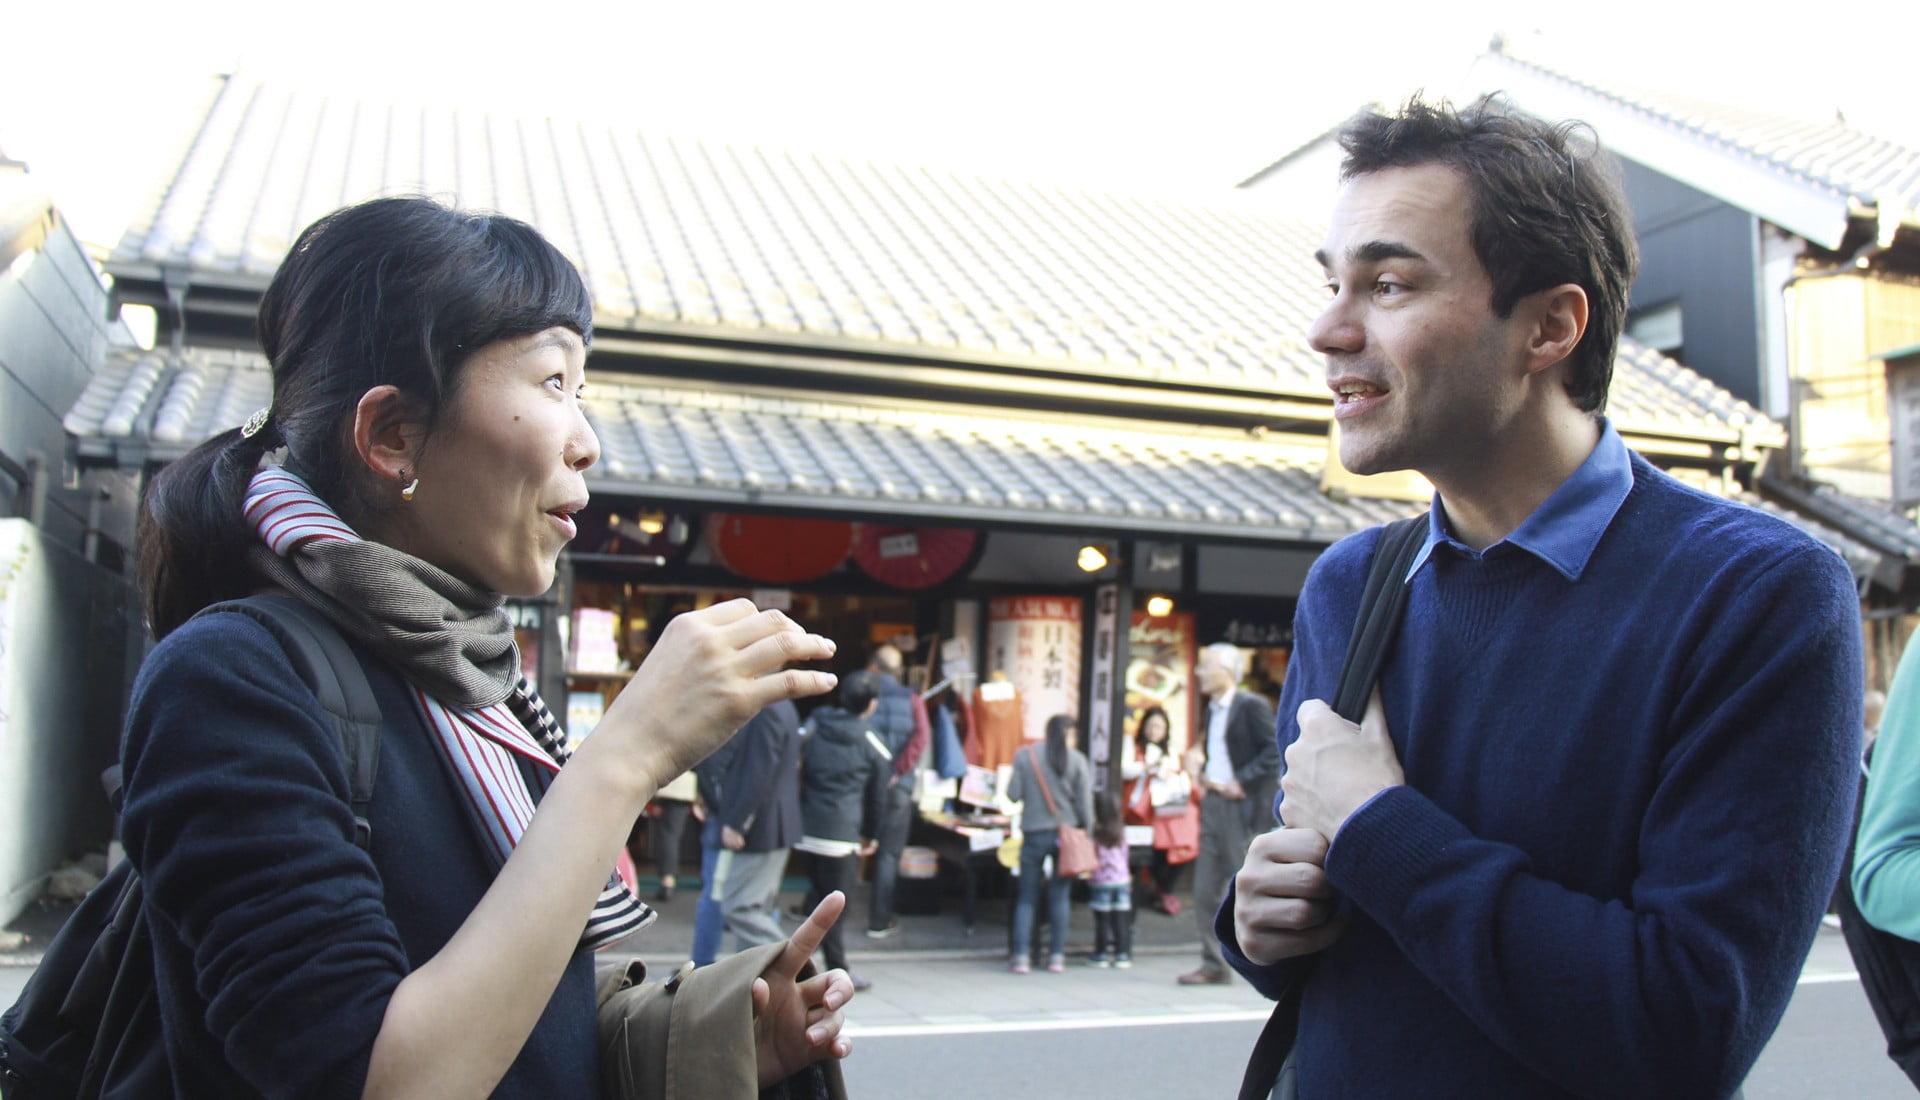 旅行先でフランス語で会話する二人